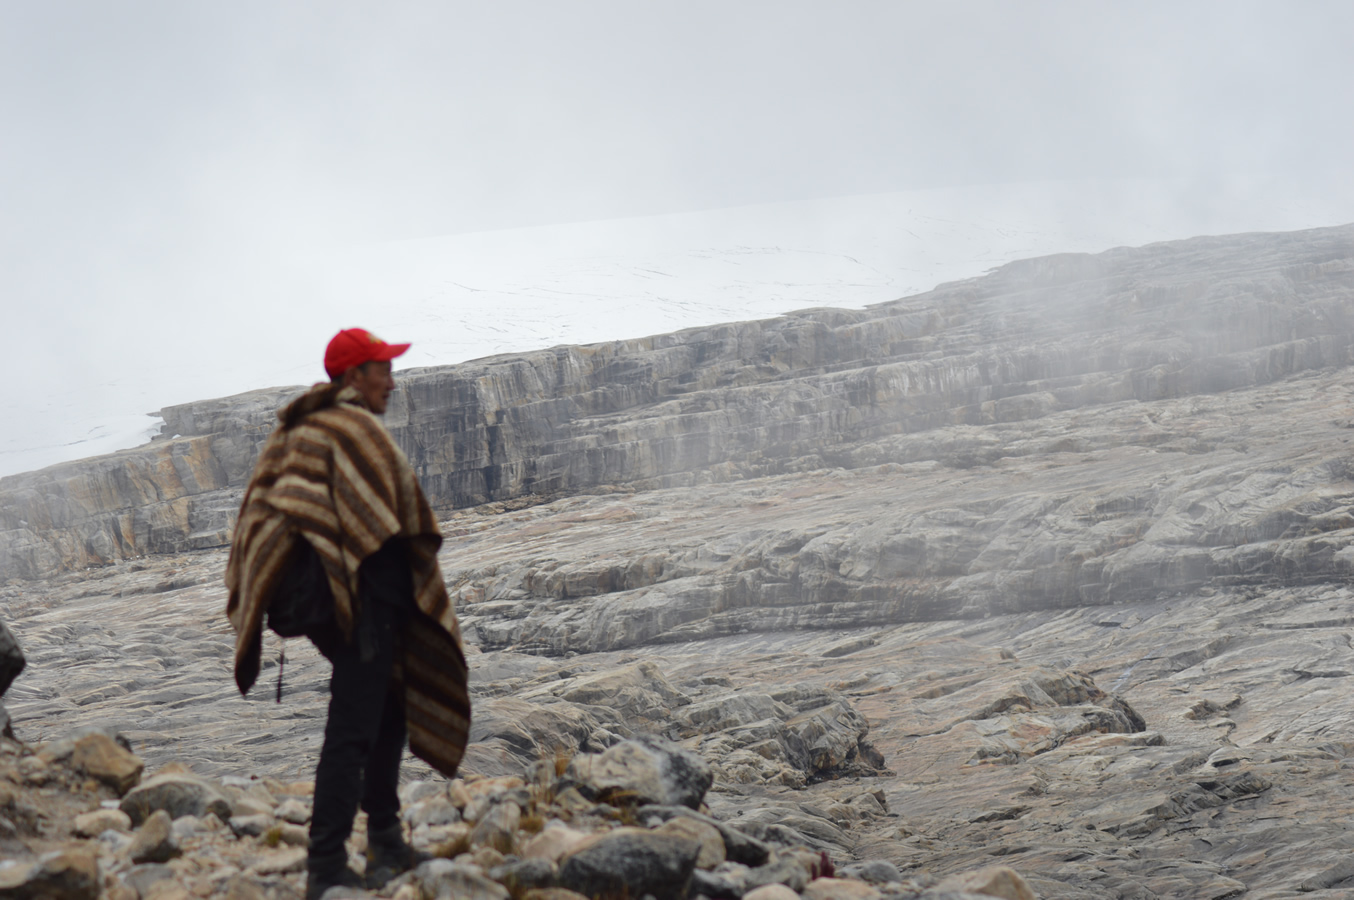 El dilema de las áreas protegidas: entre el sustento y la protección ambiental